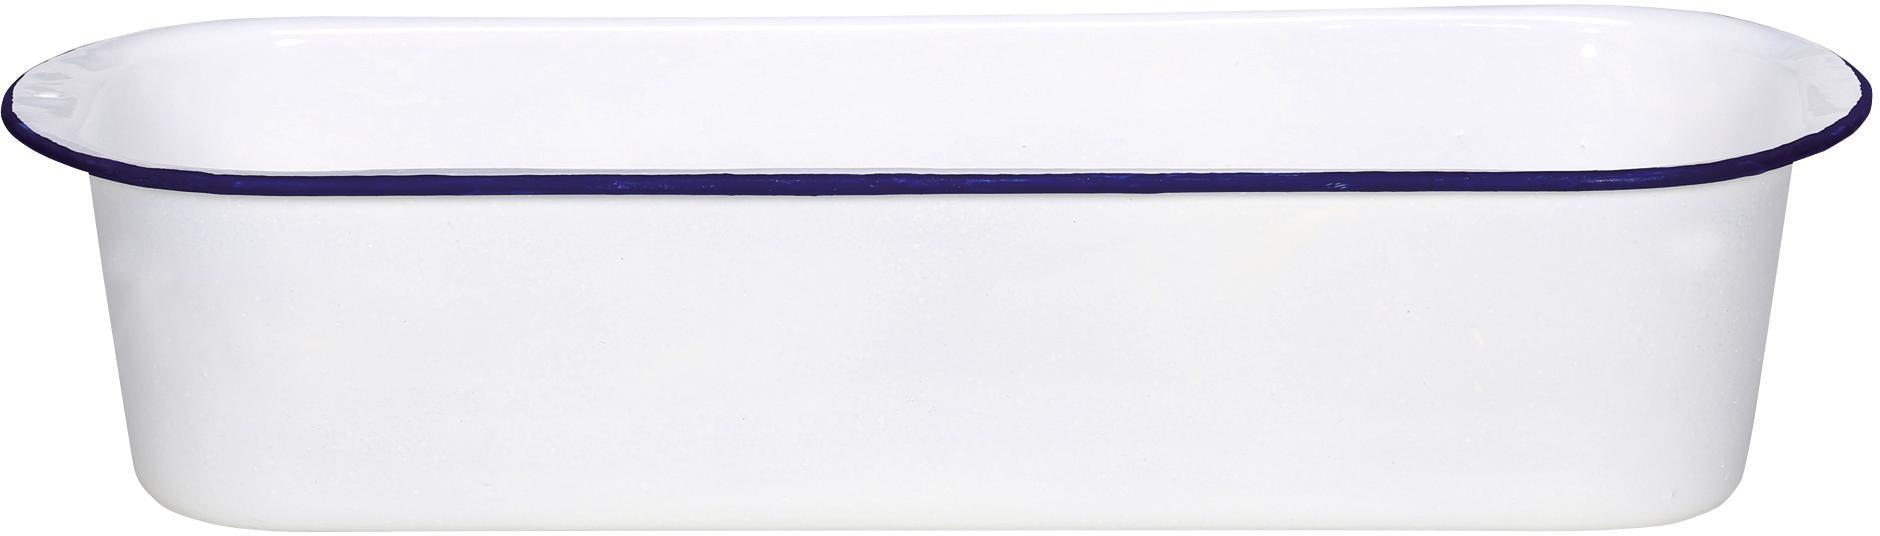 Krüger Brotbackform Husum, 32 cm weiß Backformen Backbleche Kochen Backen Haushaltswaren